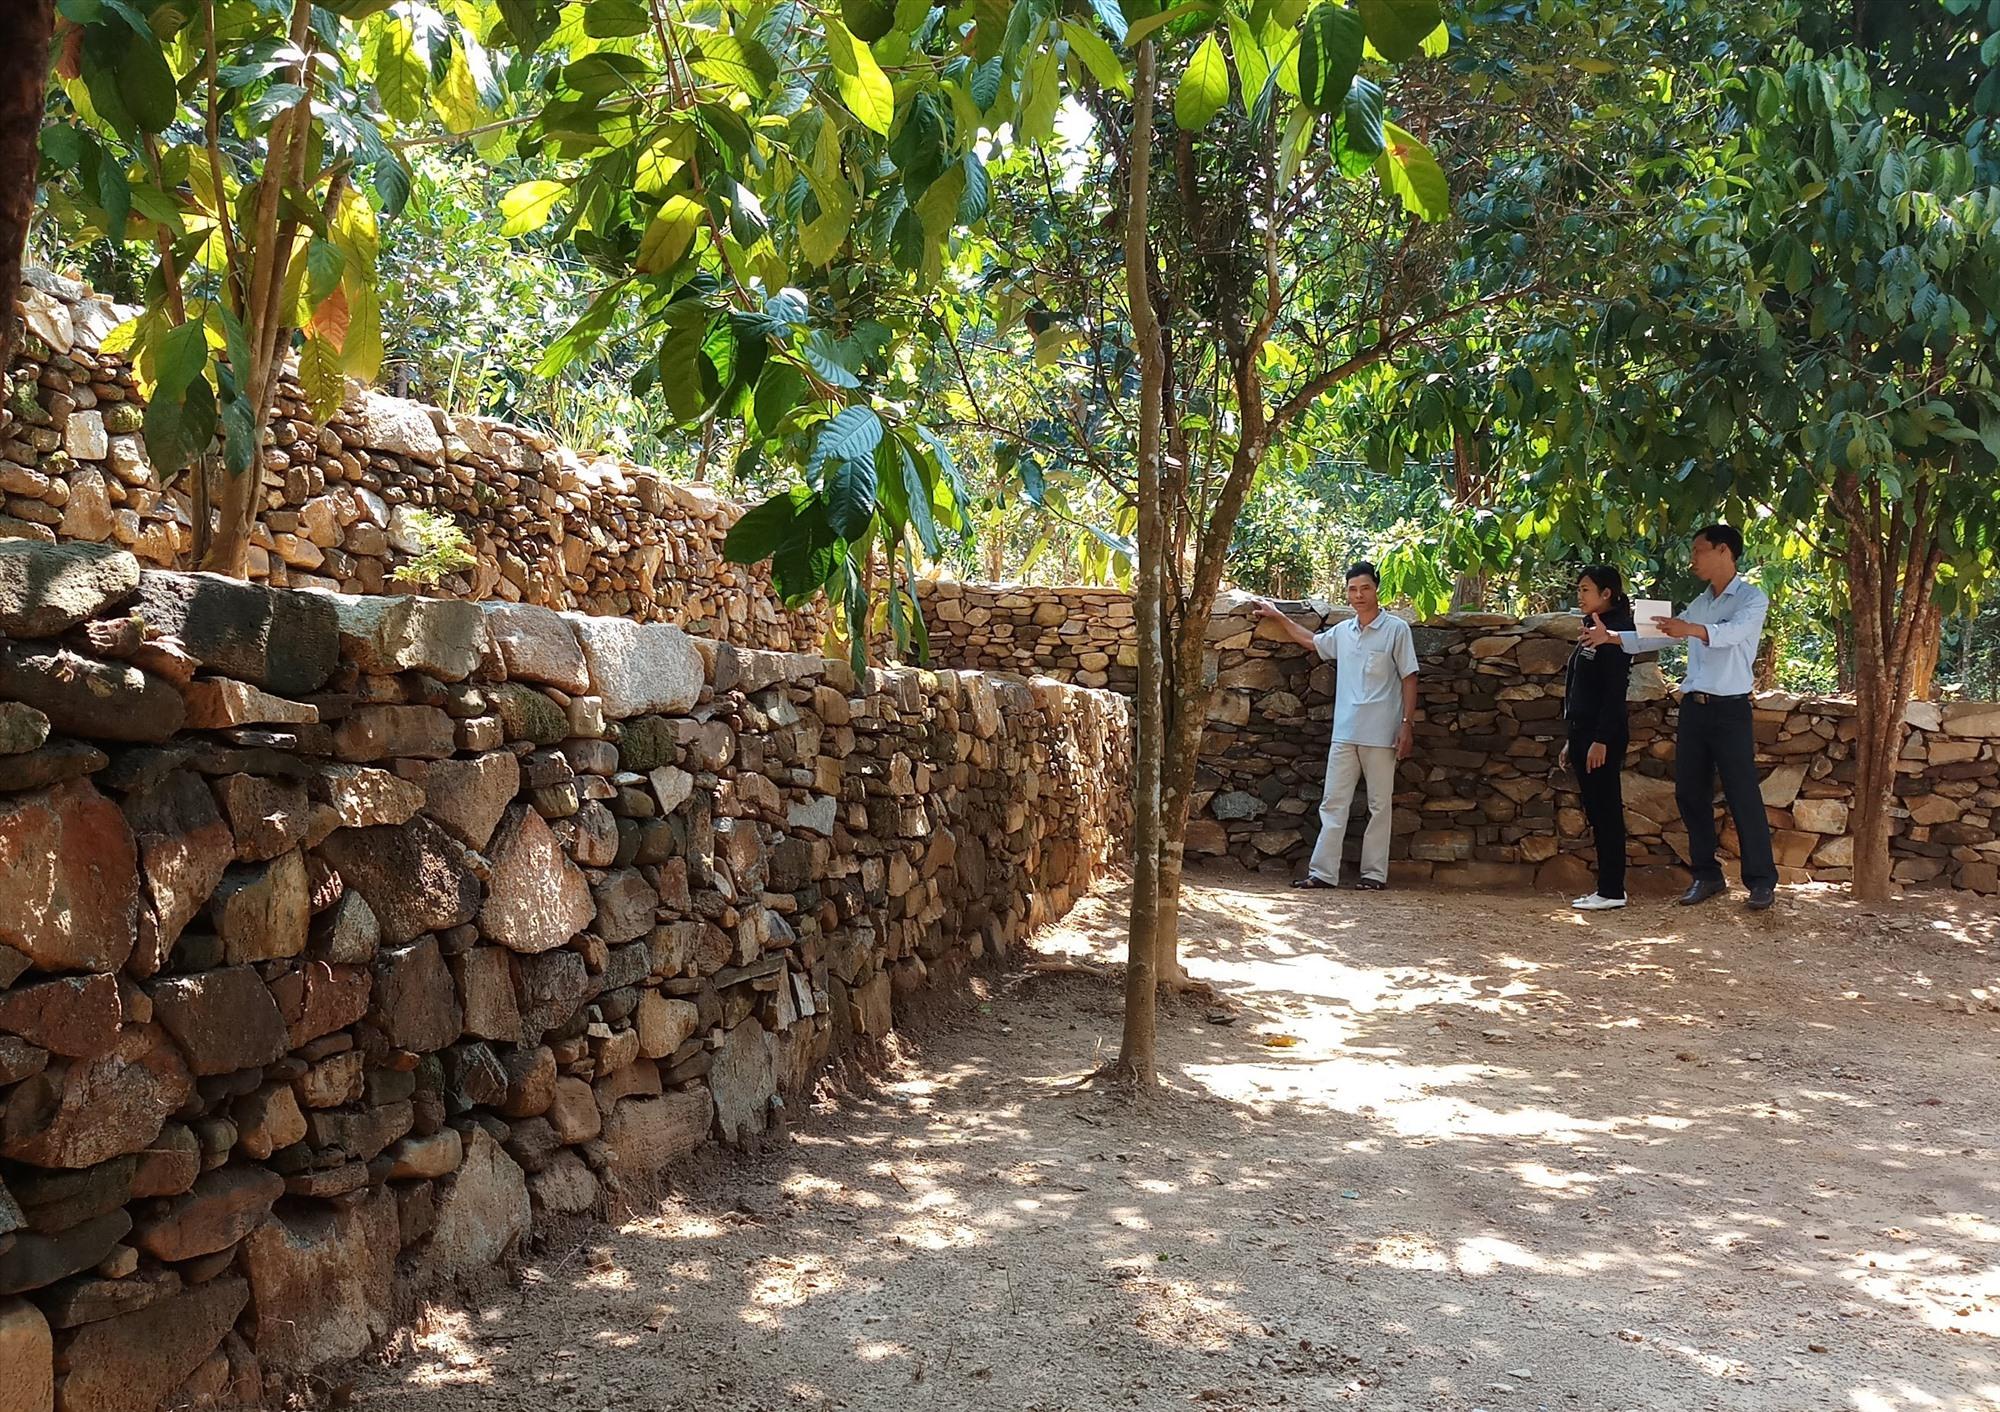 Việc xây dựng cụm dân cư nông thôn mới kiểu mẫu góp phần thay đổi làng quê Tiên Phước theo hướng tích cực. Ảnh: HƯNG HOÀNG